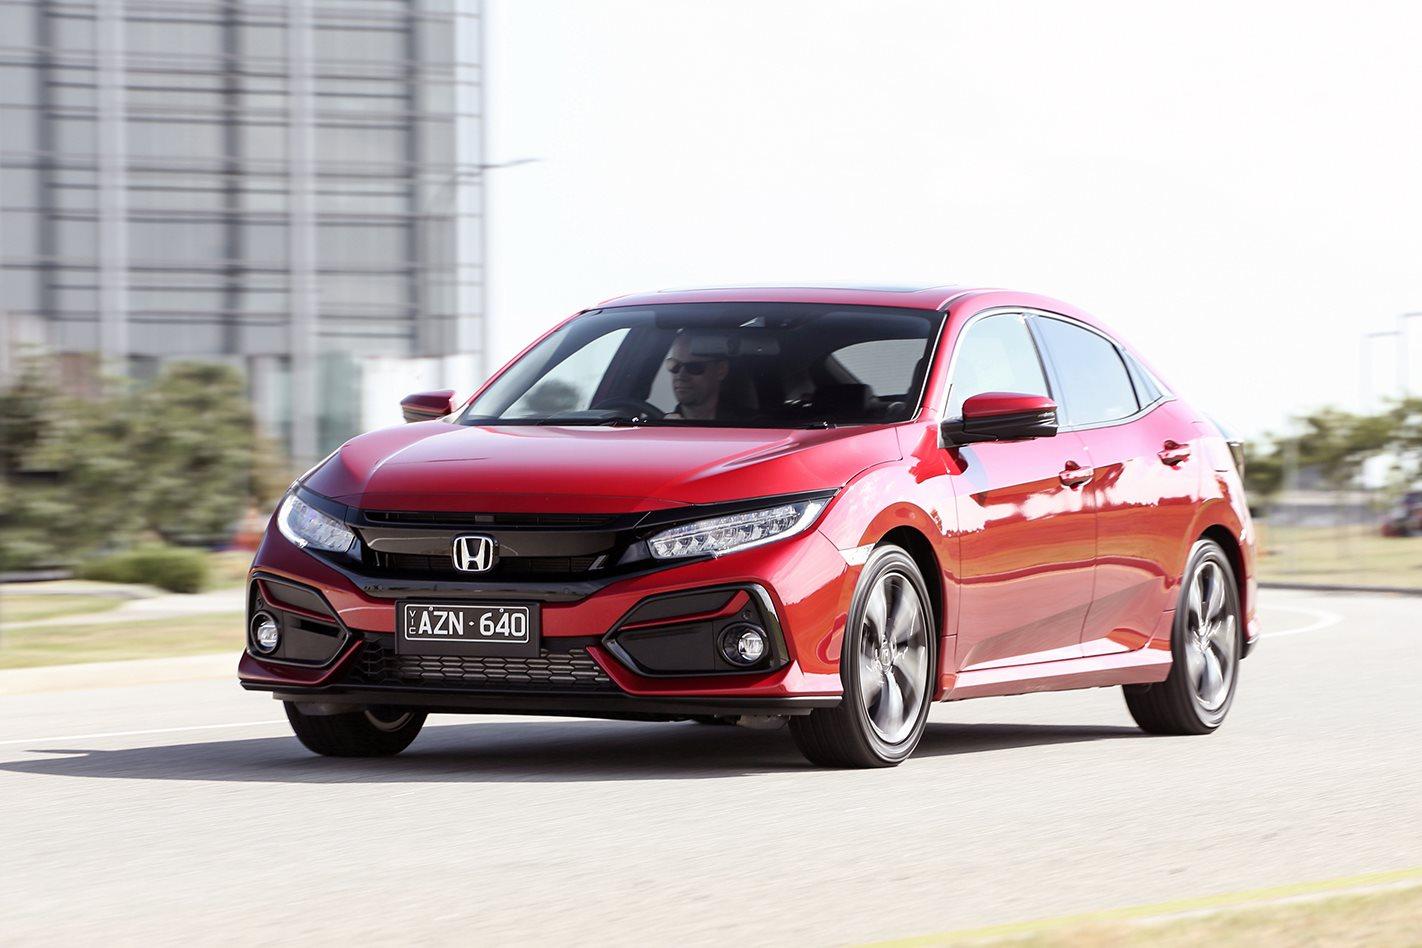 Kelebihan Kekurangan Honda Vti Top Model Tahun Ini